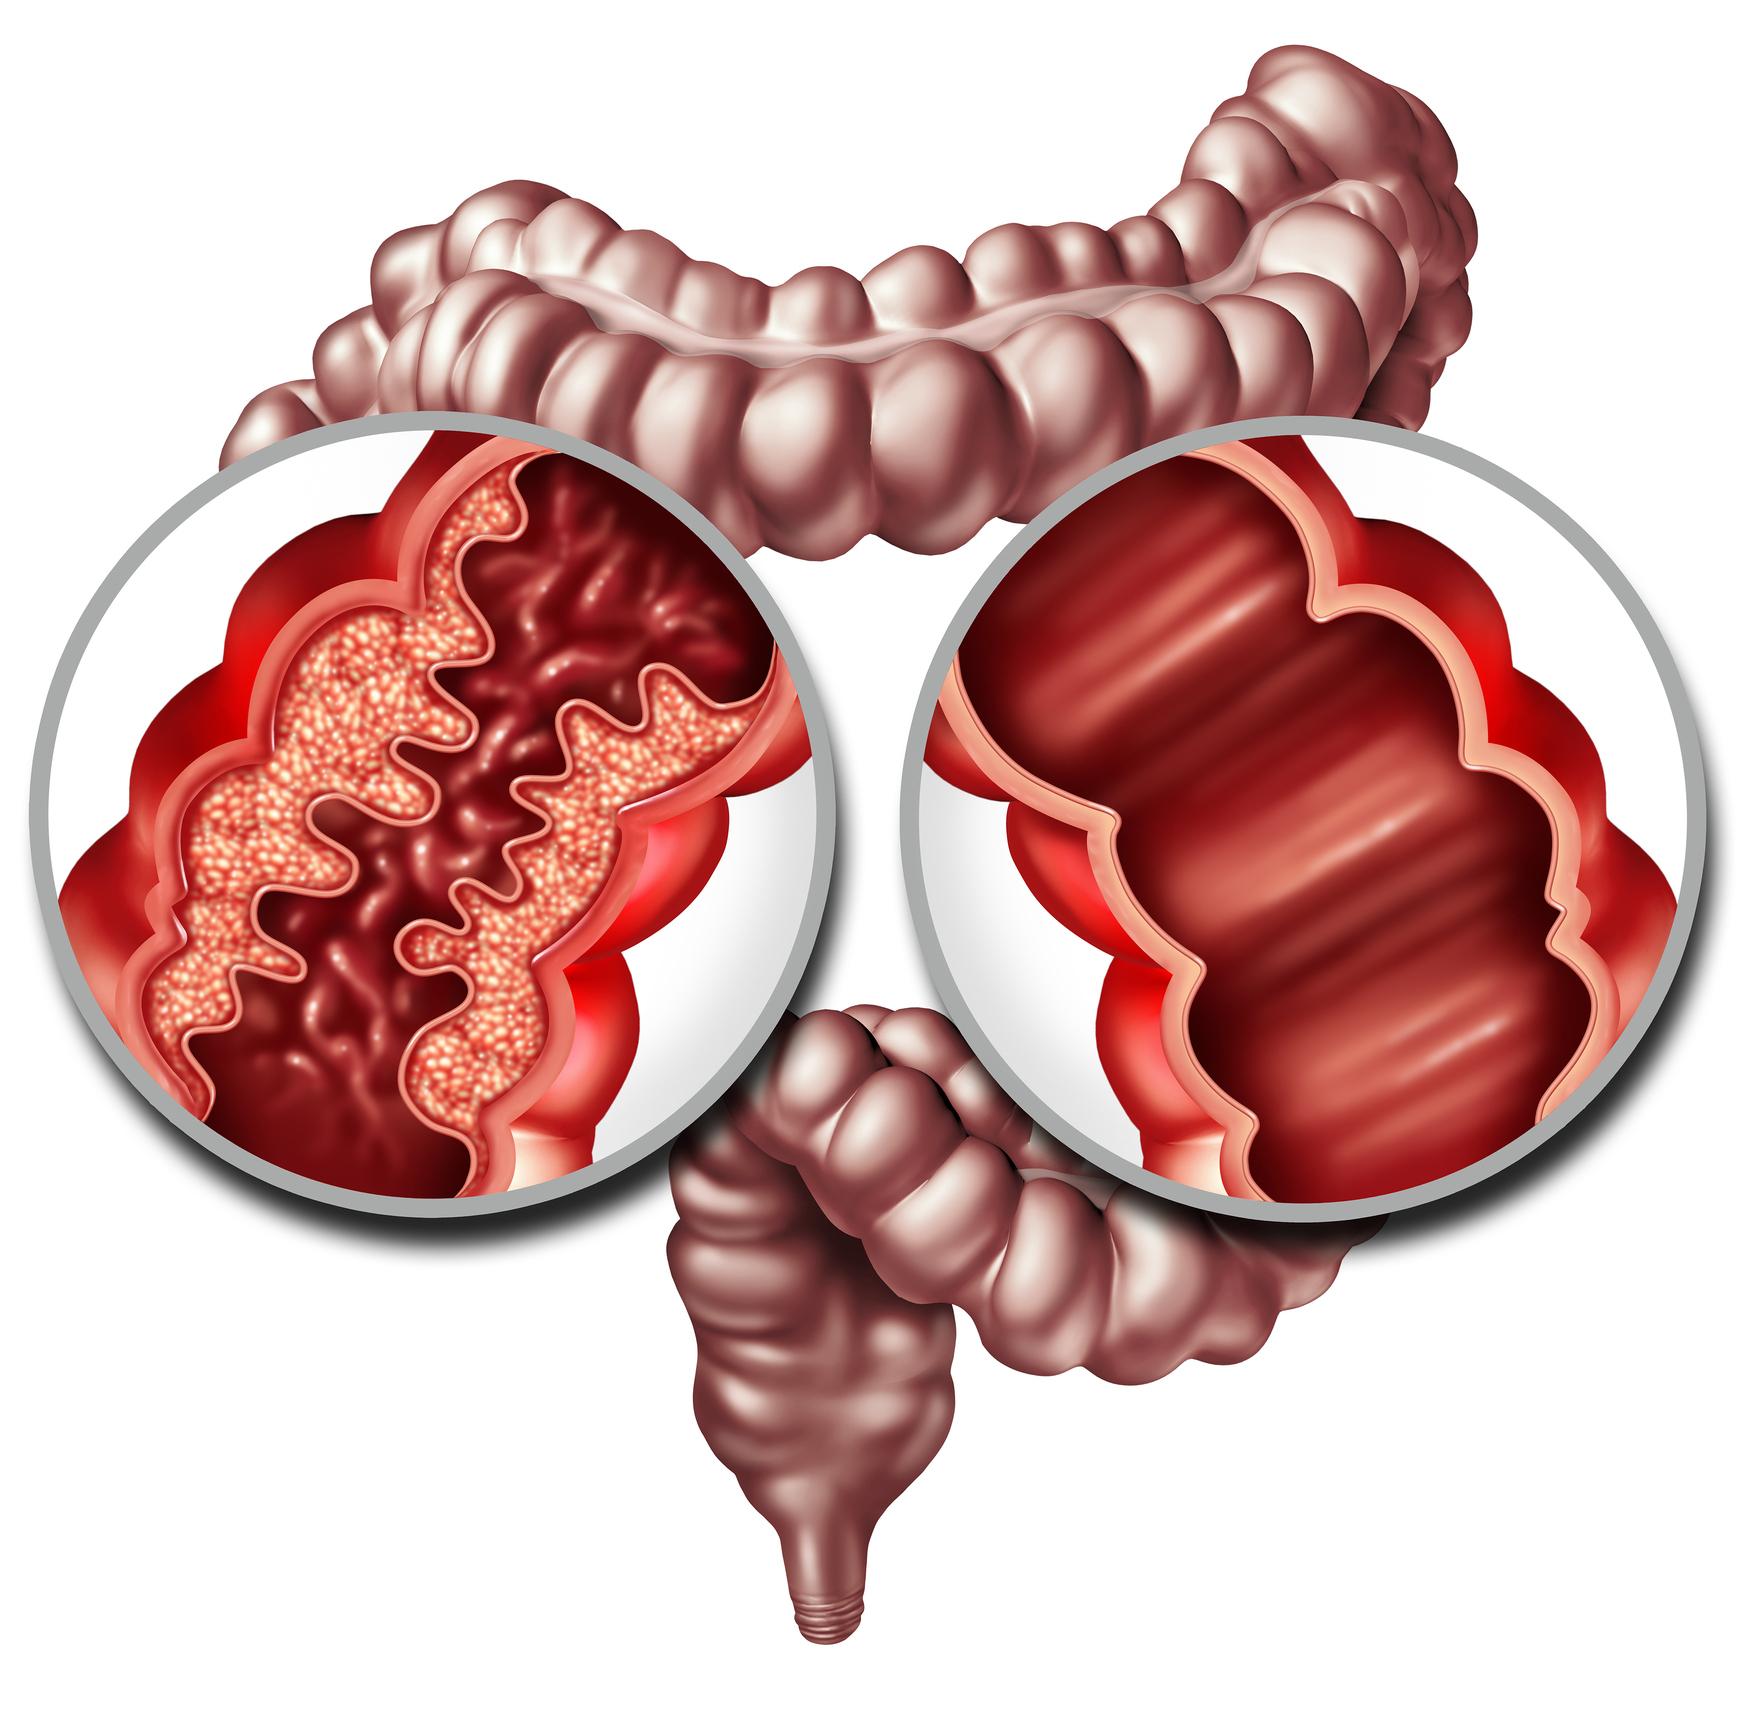 Dieta recomendada para gastritis y colitis